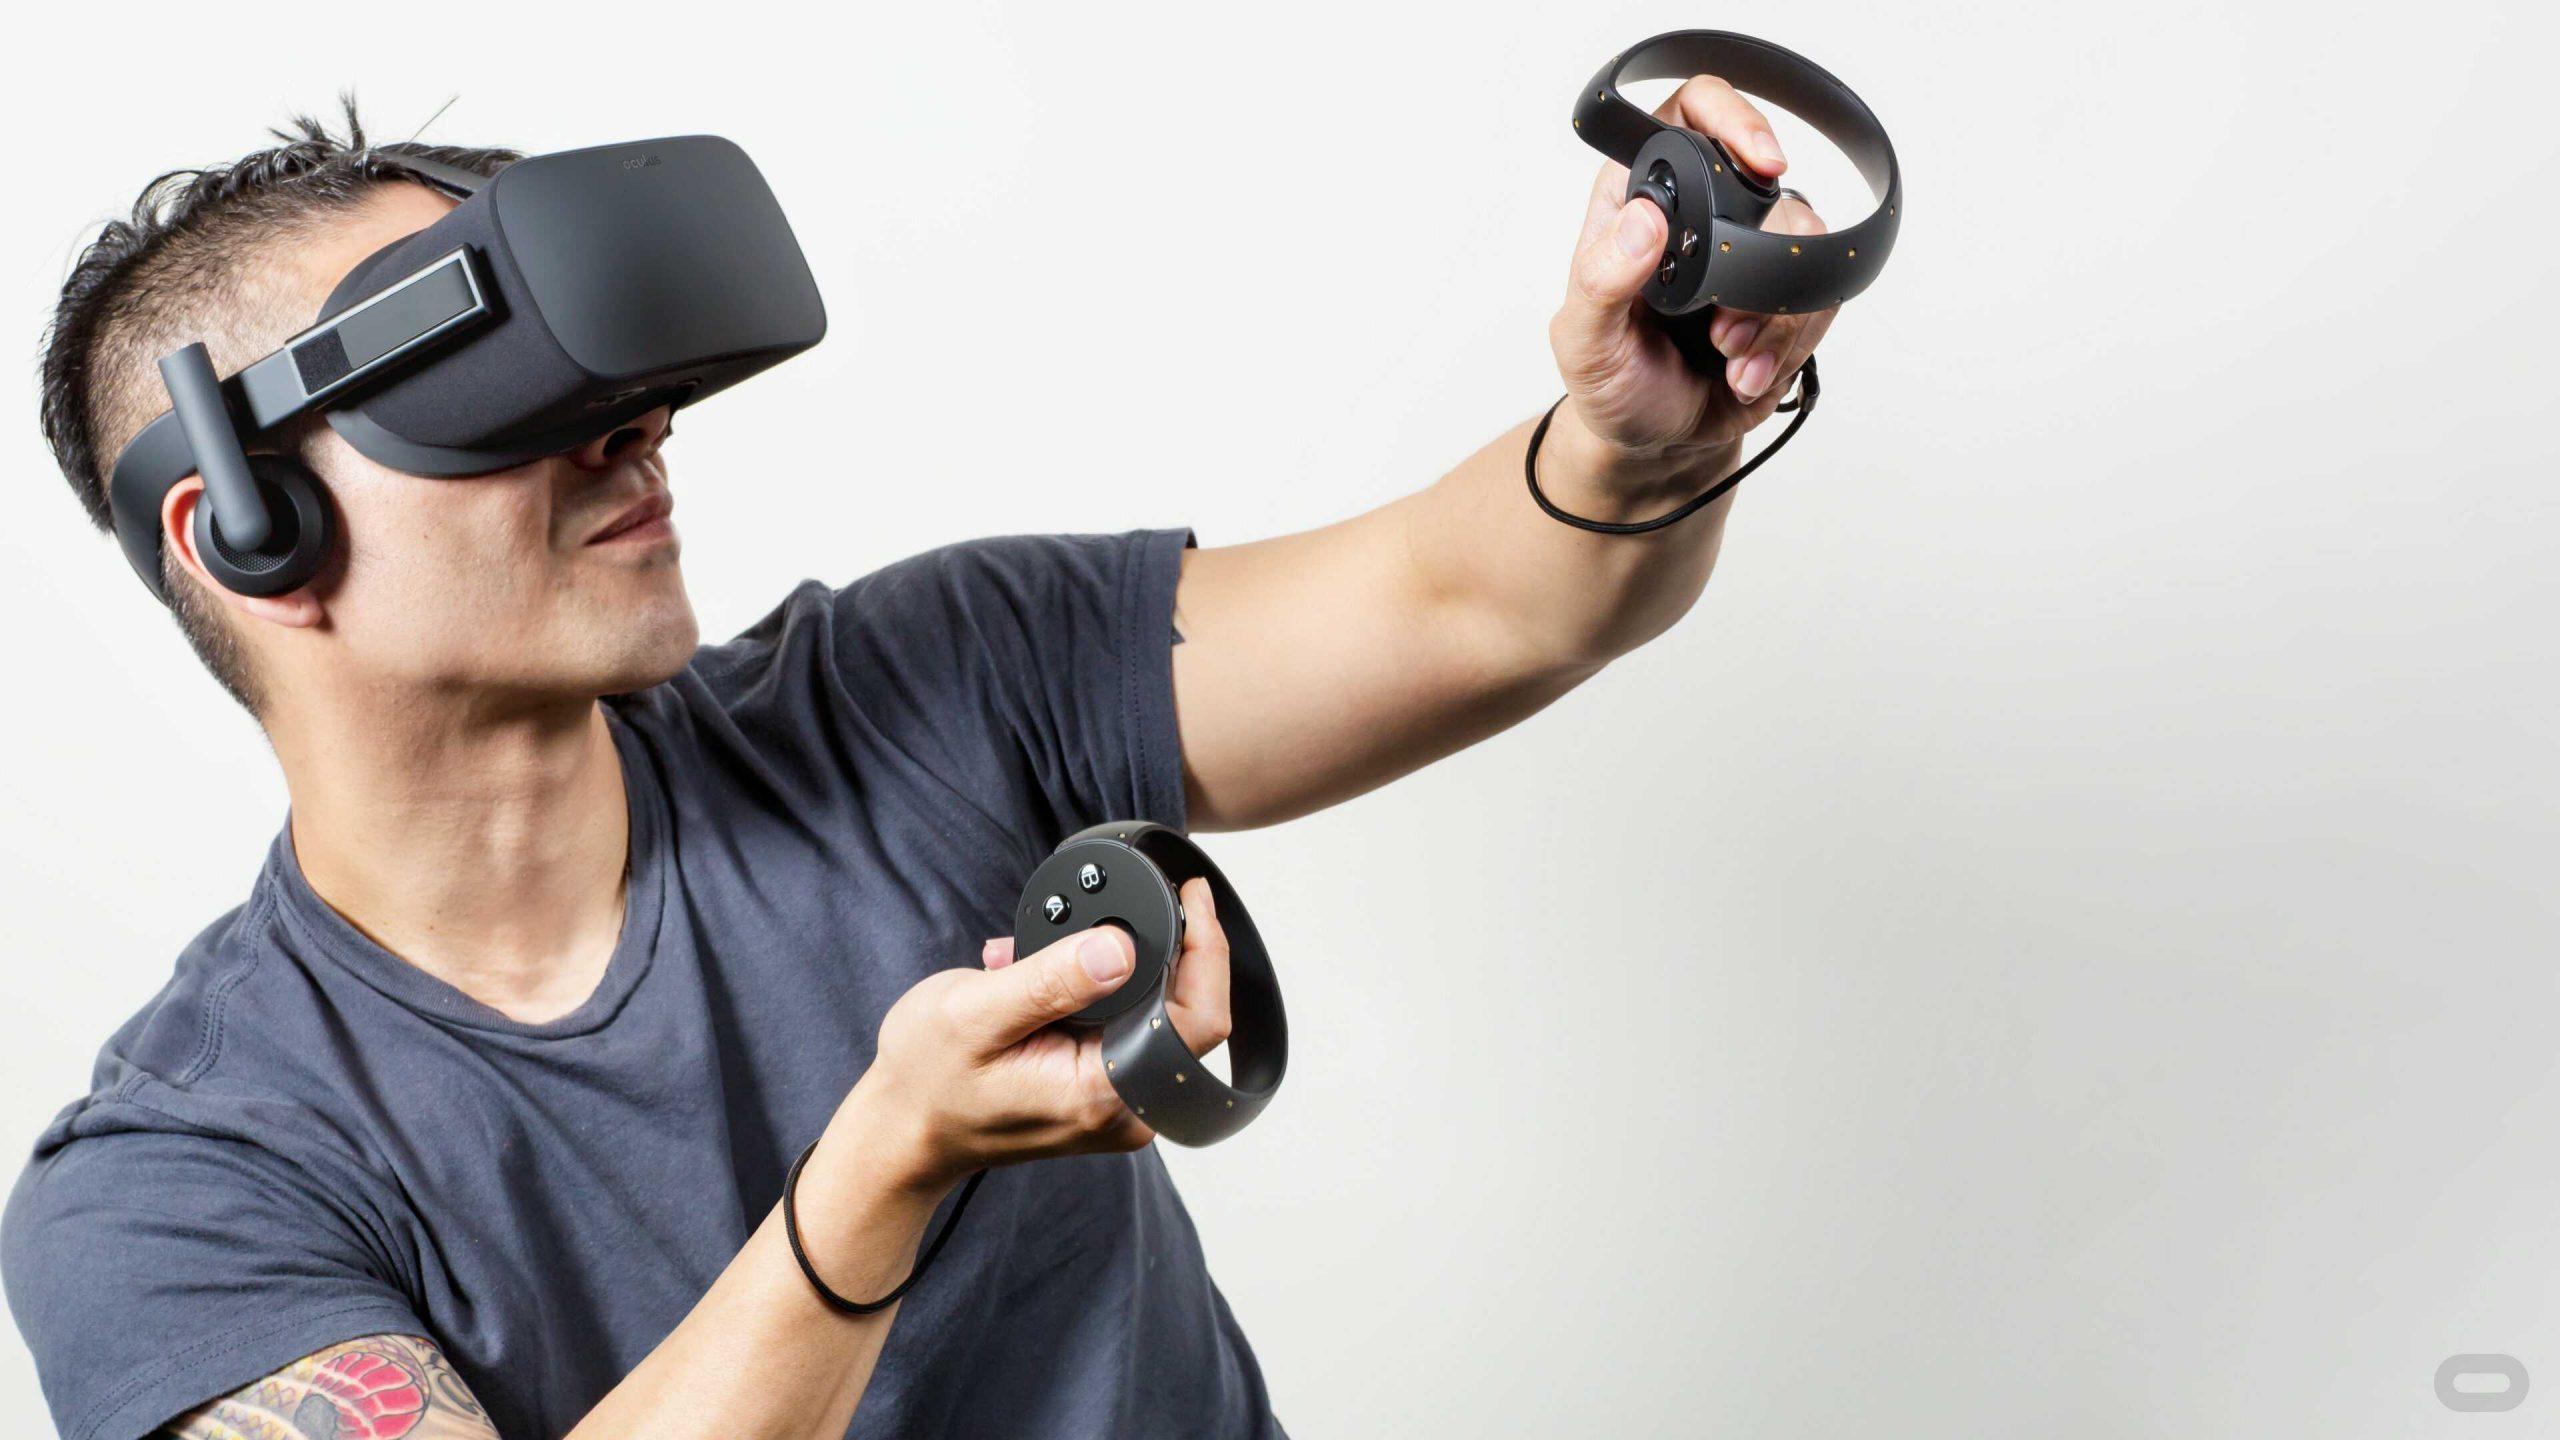 اسعار نظارات الواقع الافتراضي في مصر 2020